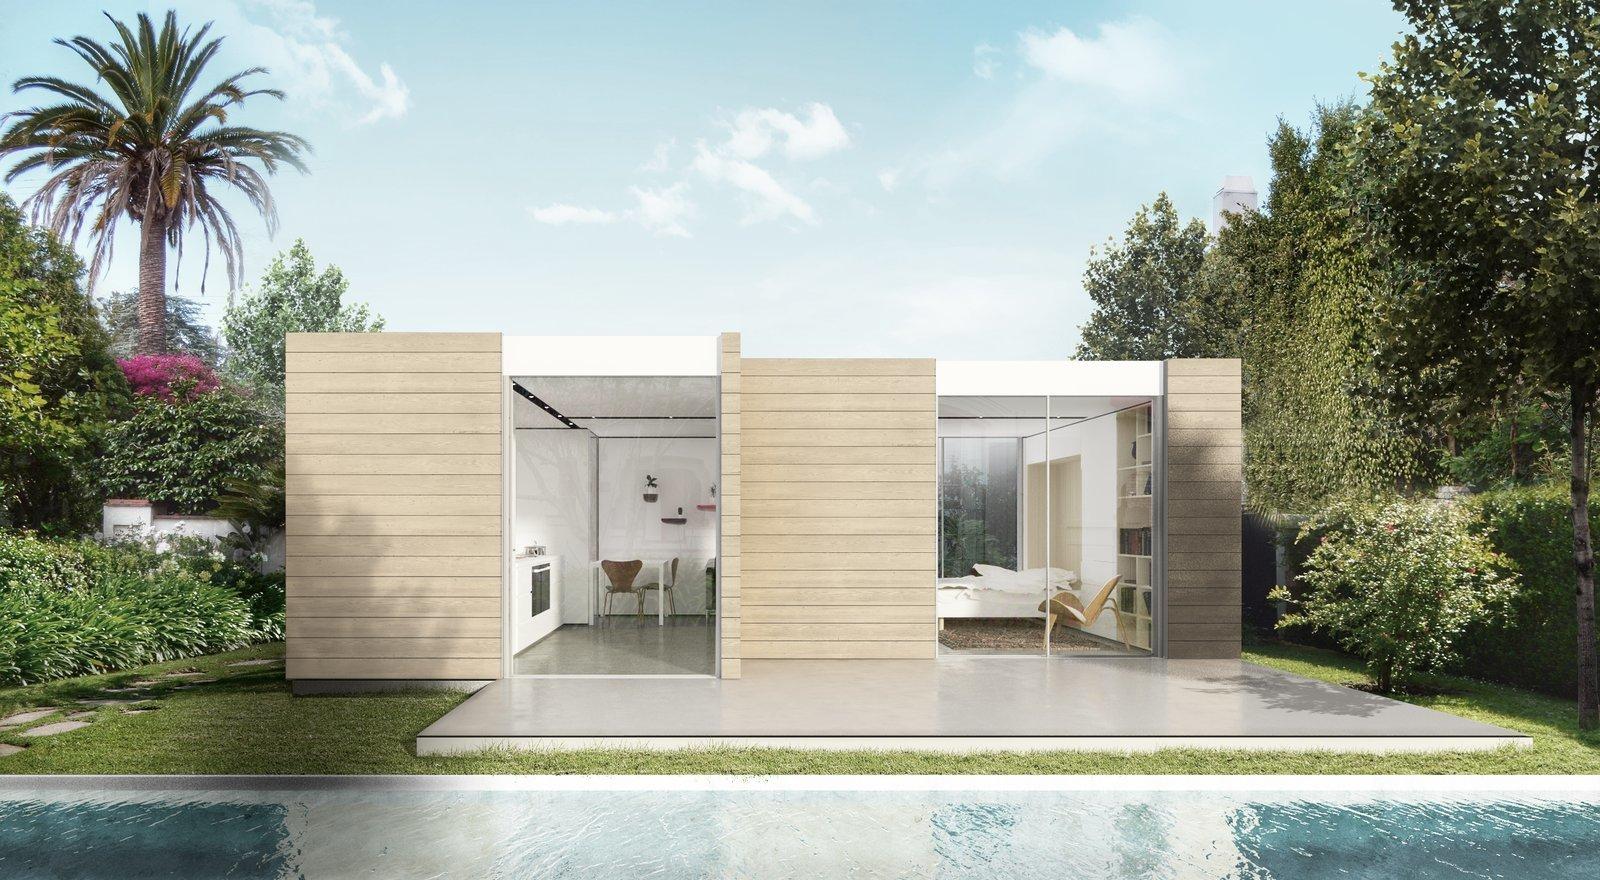 Aquele layout básico de apartamento studio pode se transformar em uma casa.